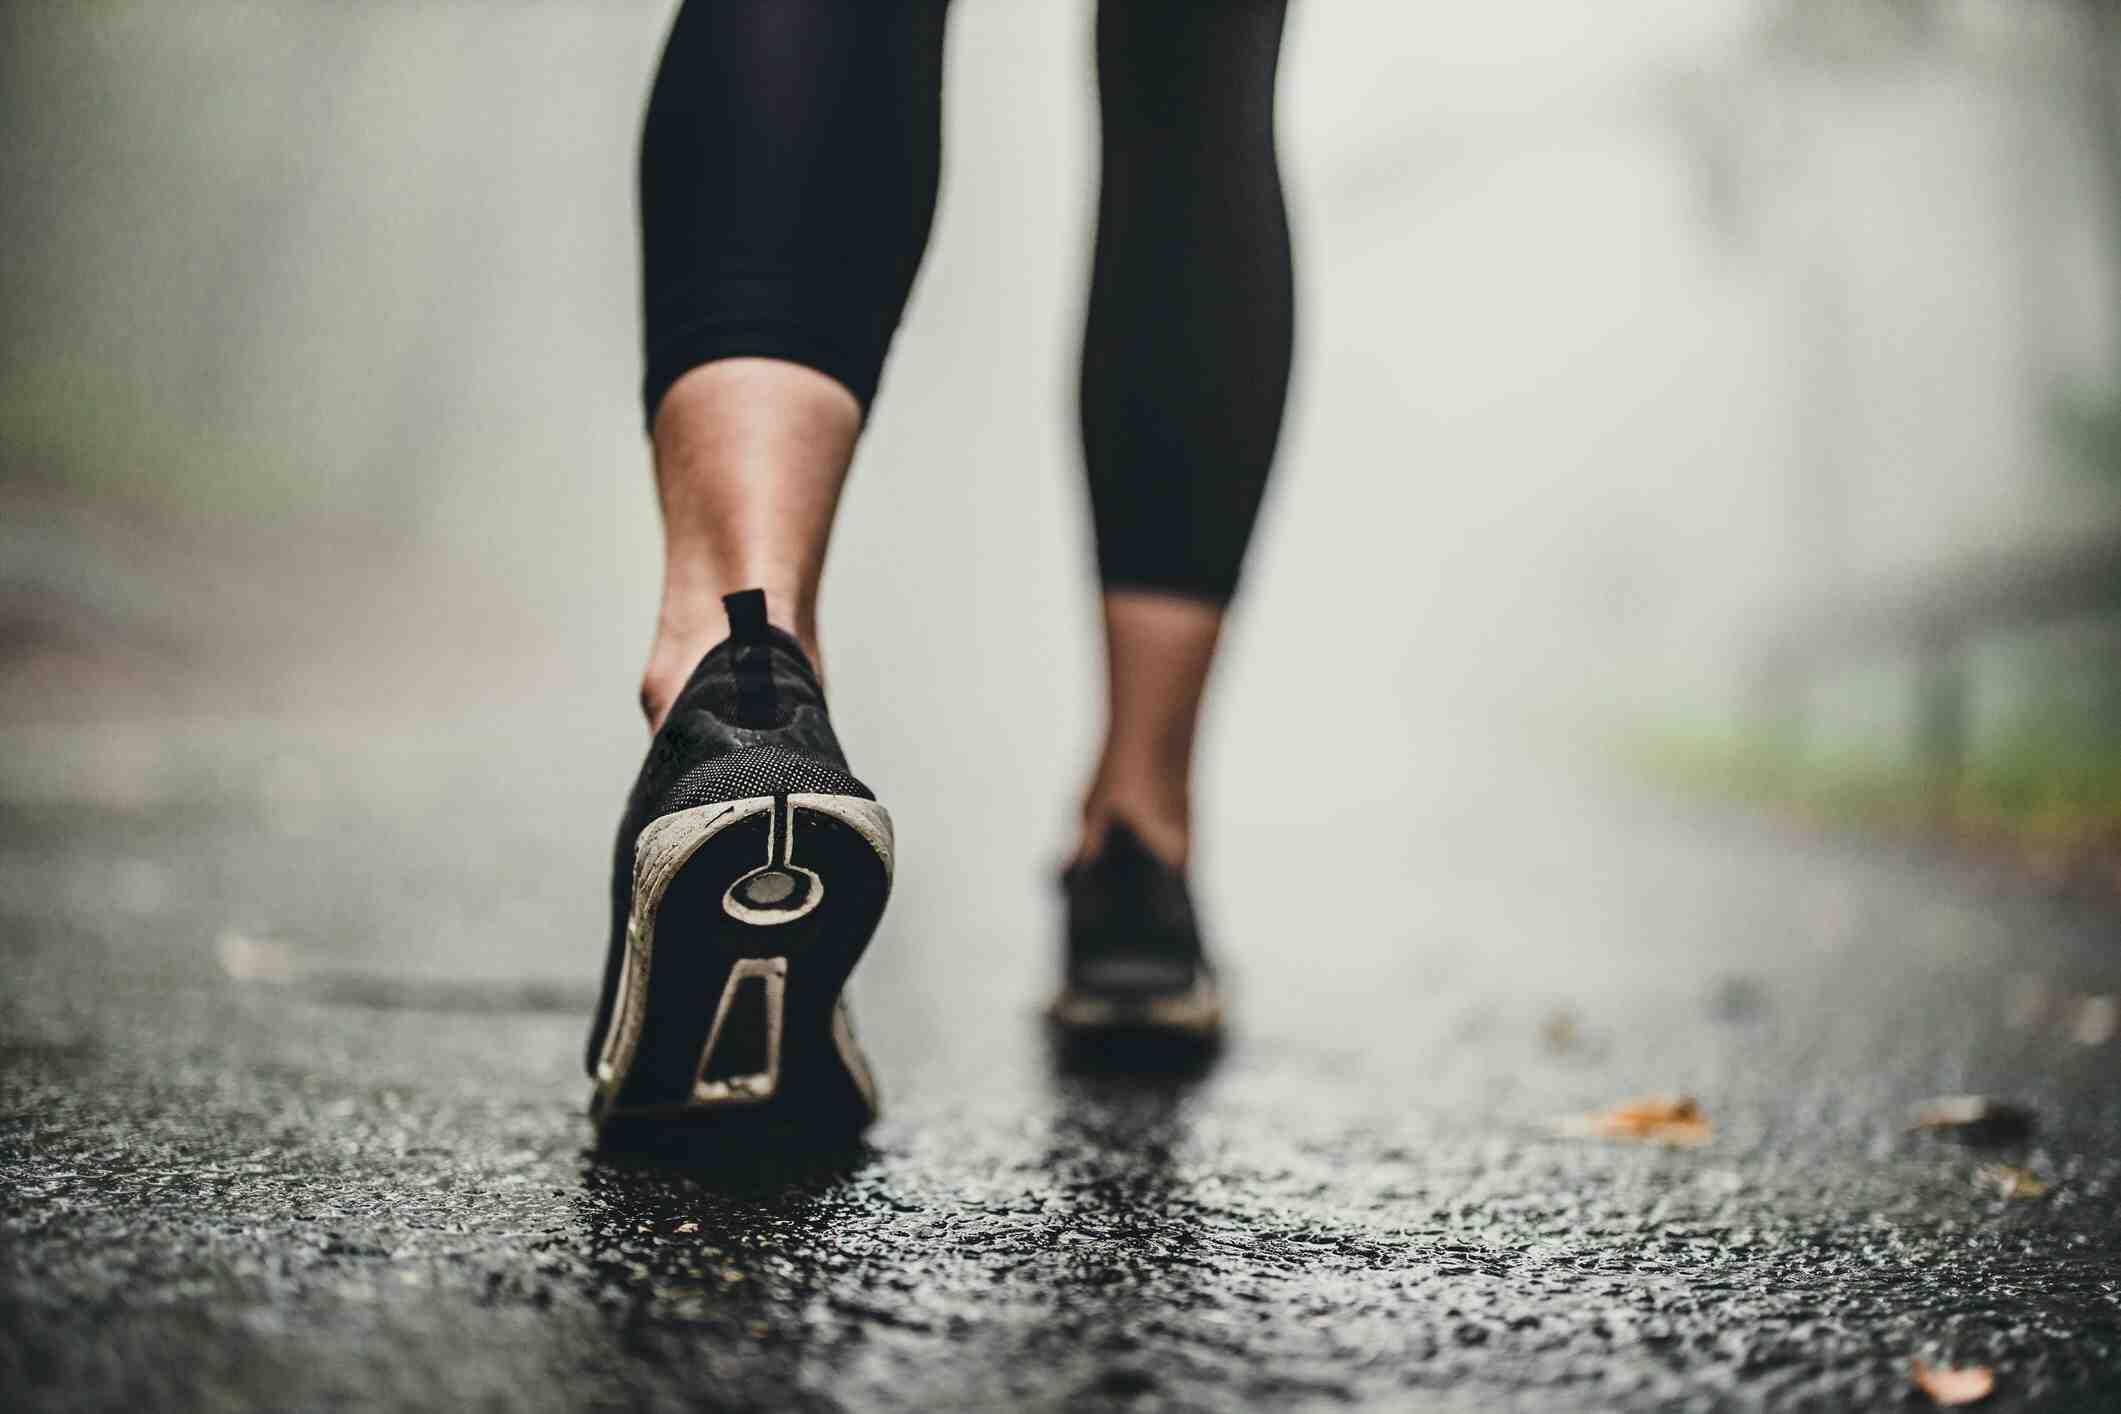 Comment perdre 1kg par semaine en faisant du sport?